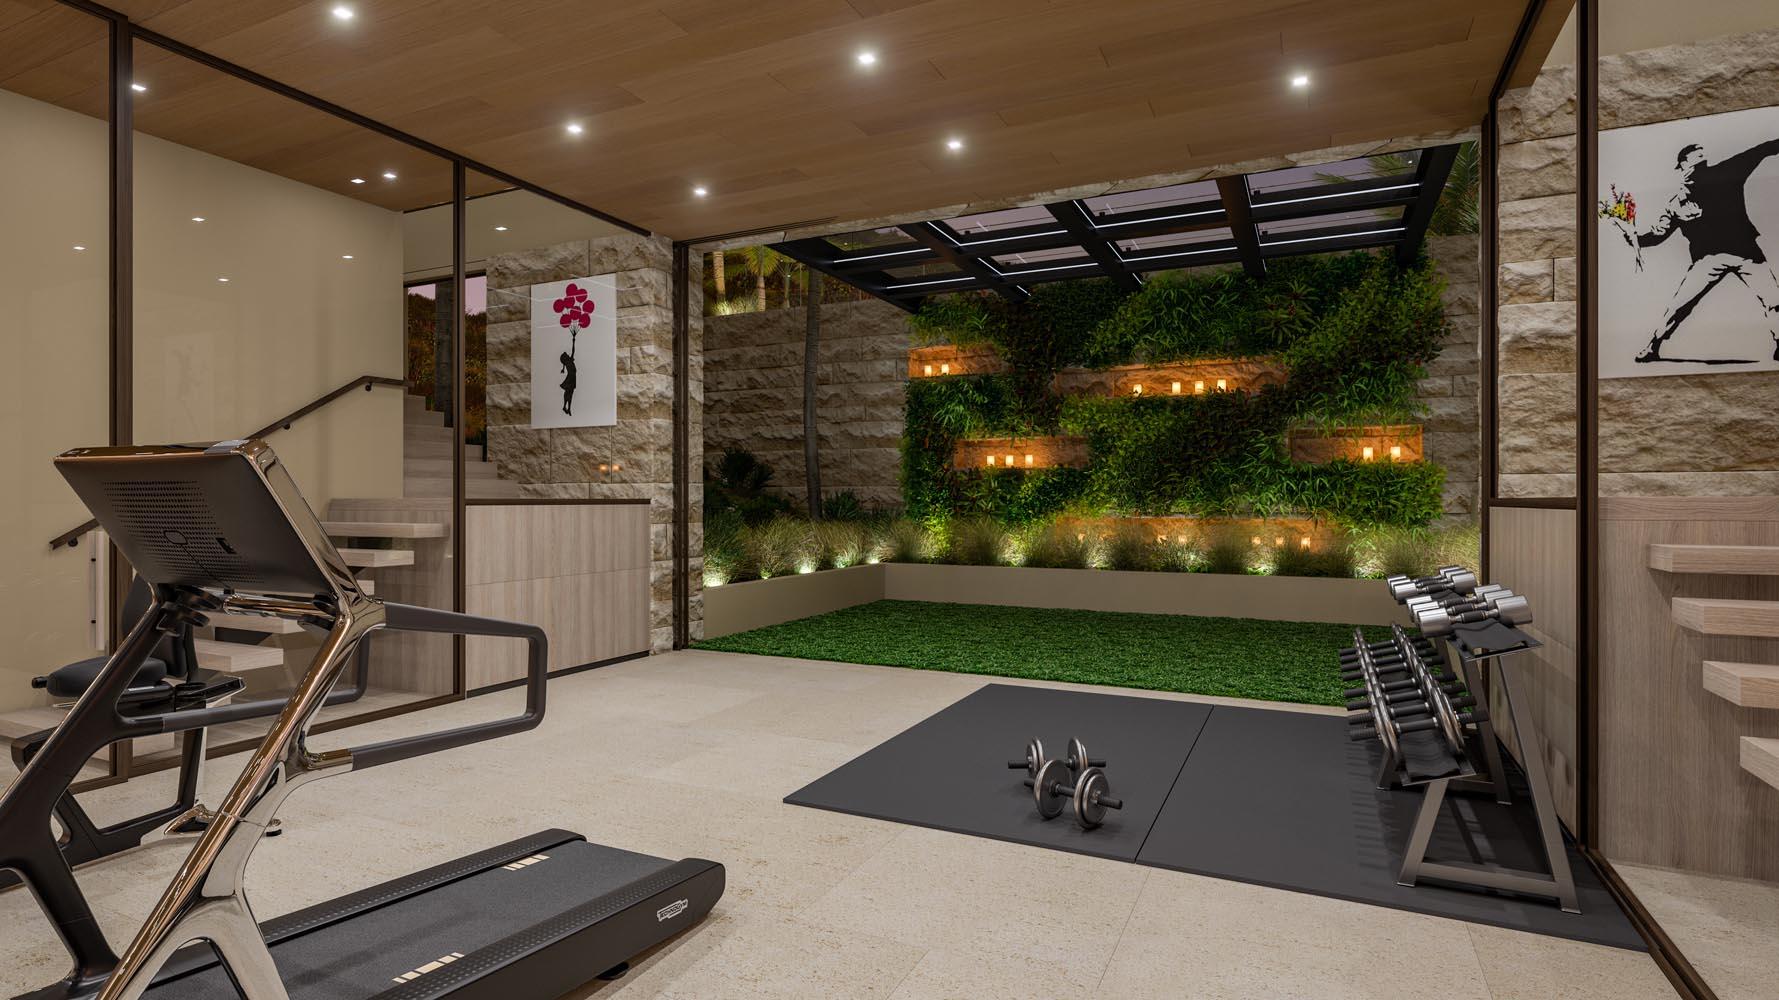 Lot 14 Marisol Malibu Gym